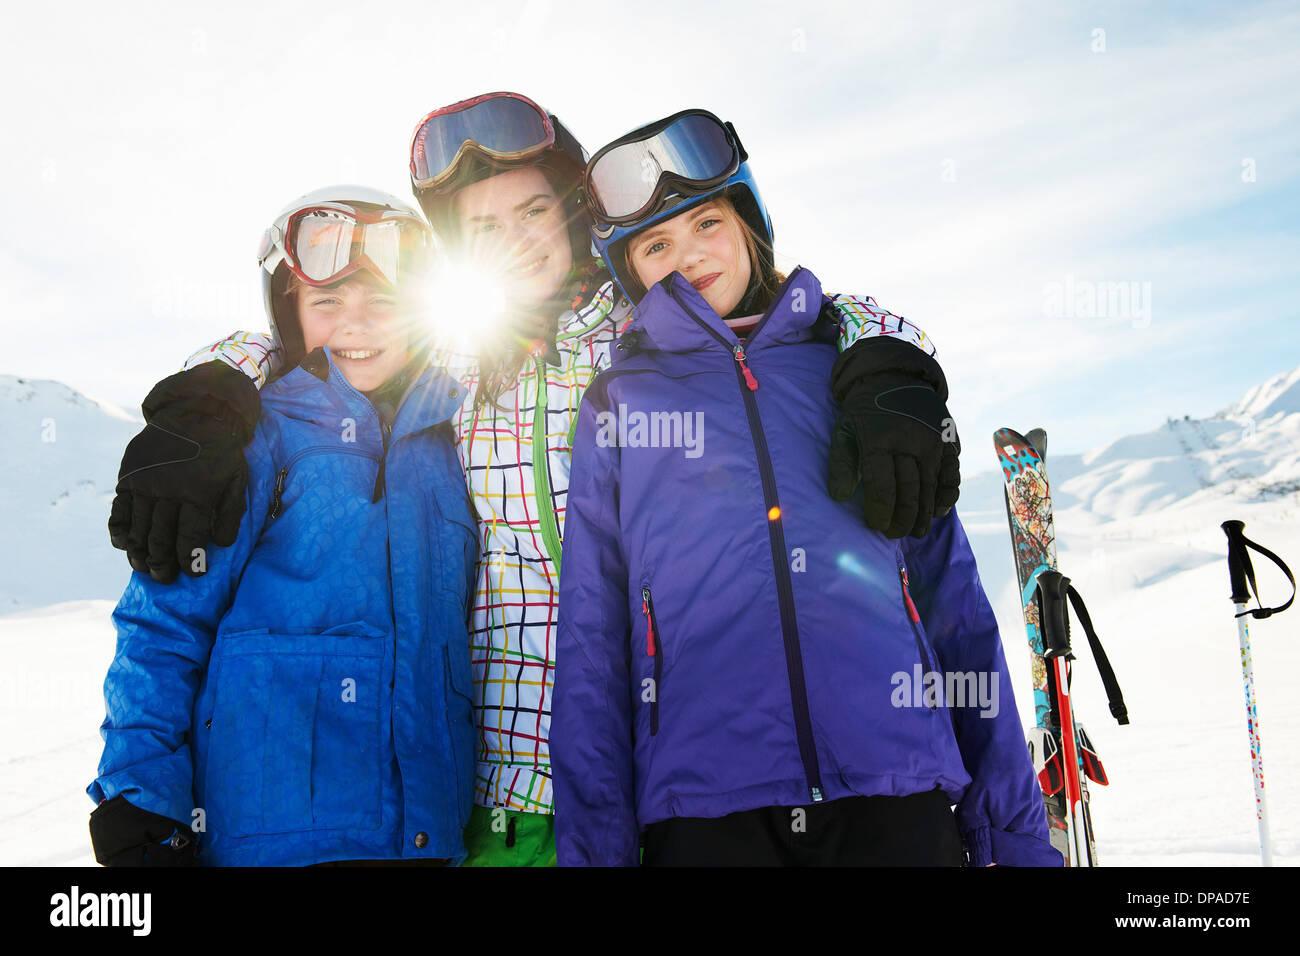 Porträt der Brüder und Schwestern im Schnee, Les Arcs, Haute-Savoie, Frankreich Stockbild